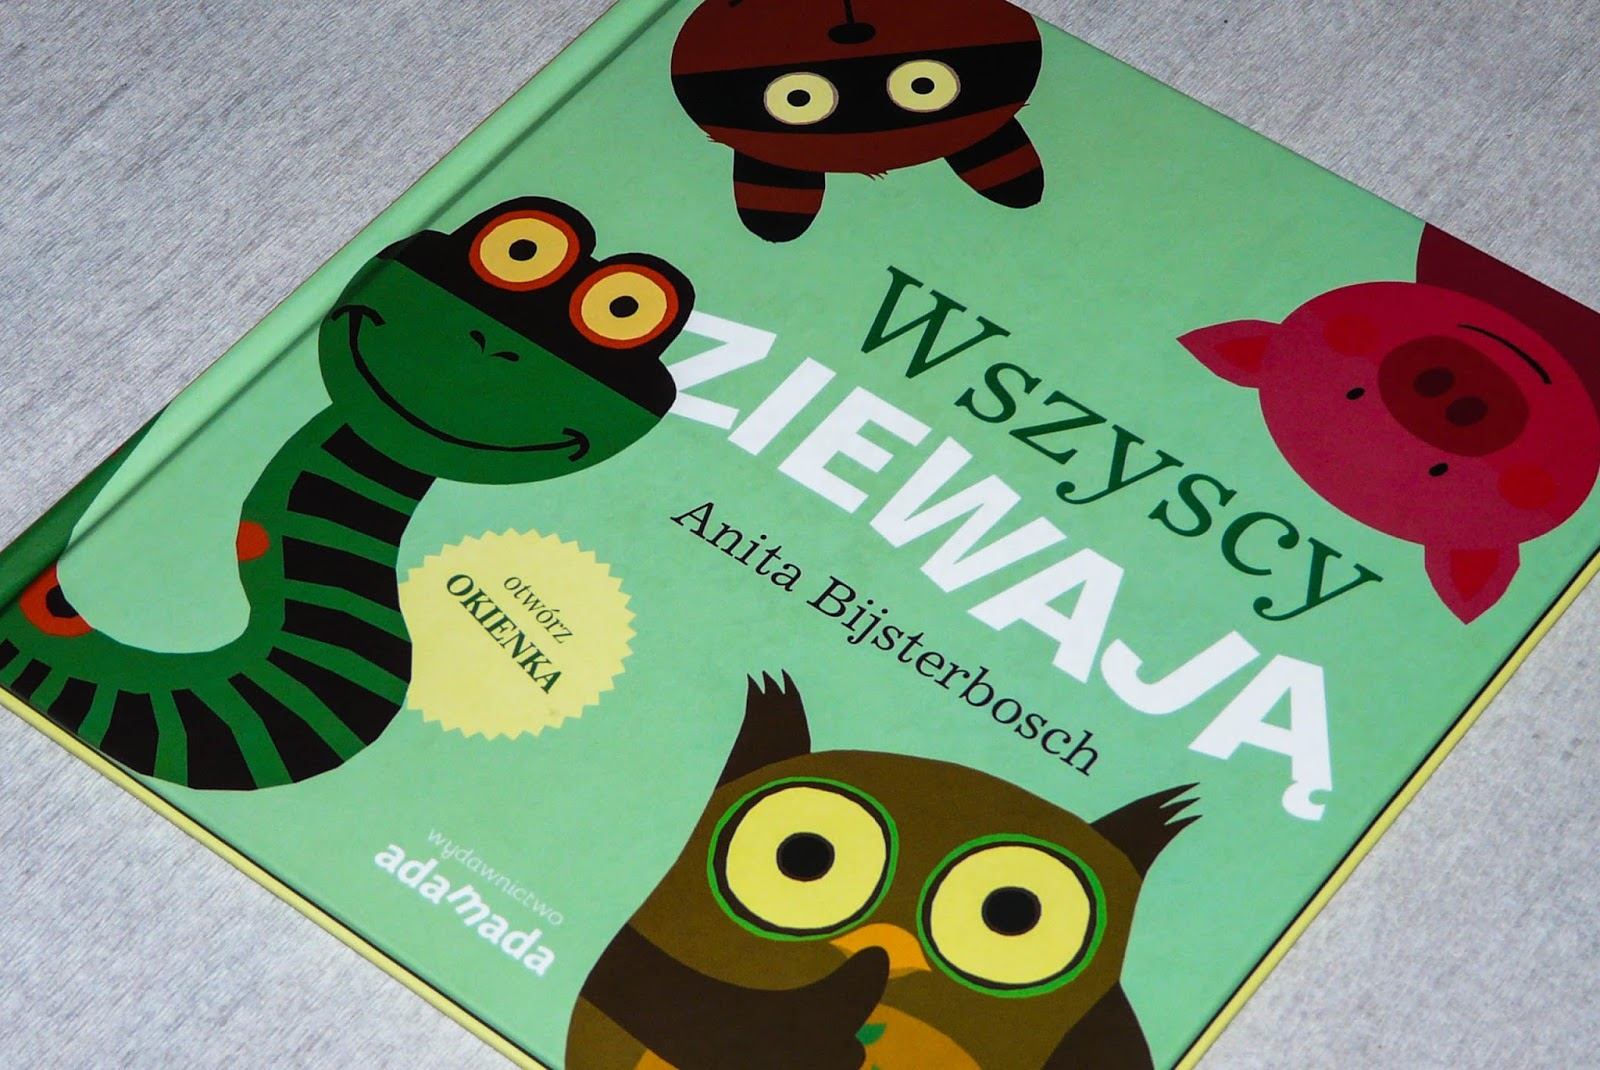 książki z okienkami dla dwulatka, co czytać z dwulatkiem, ciekawe książki dla dzieci, adamada